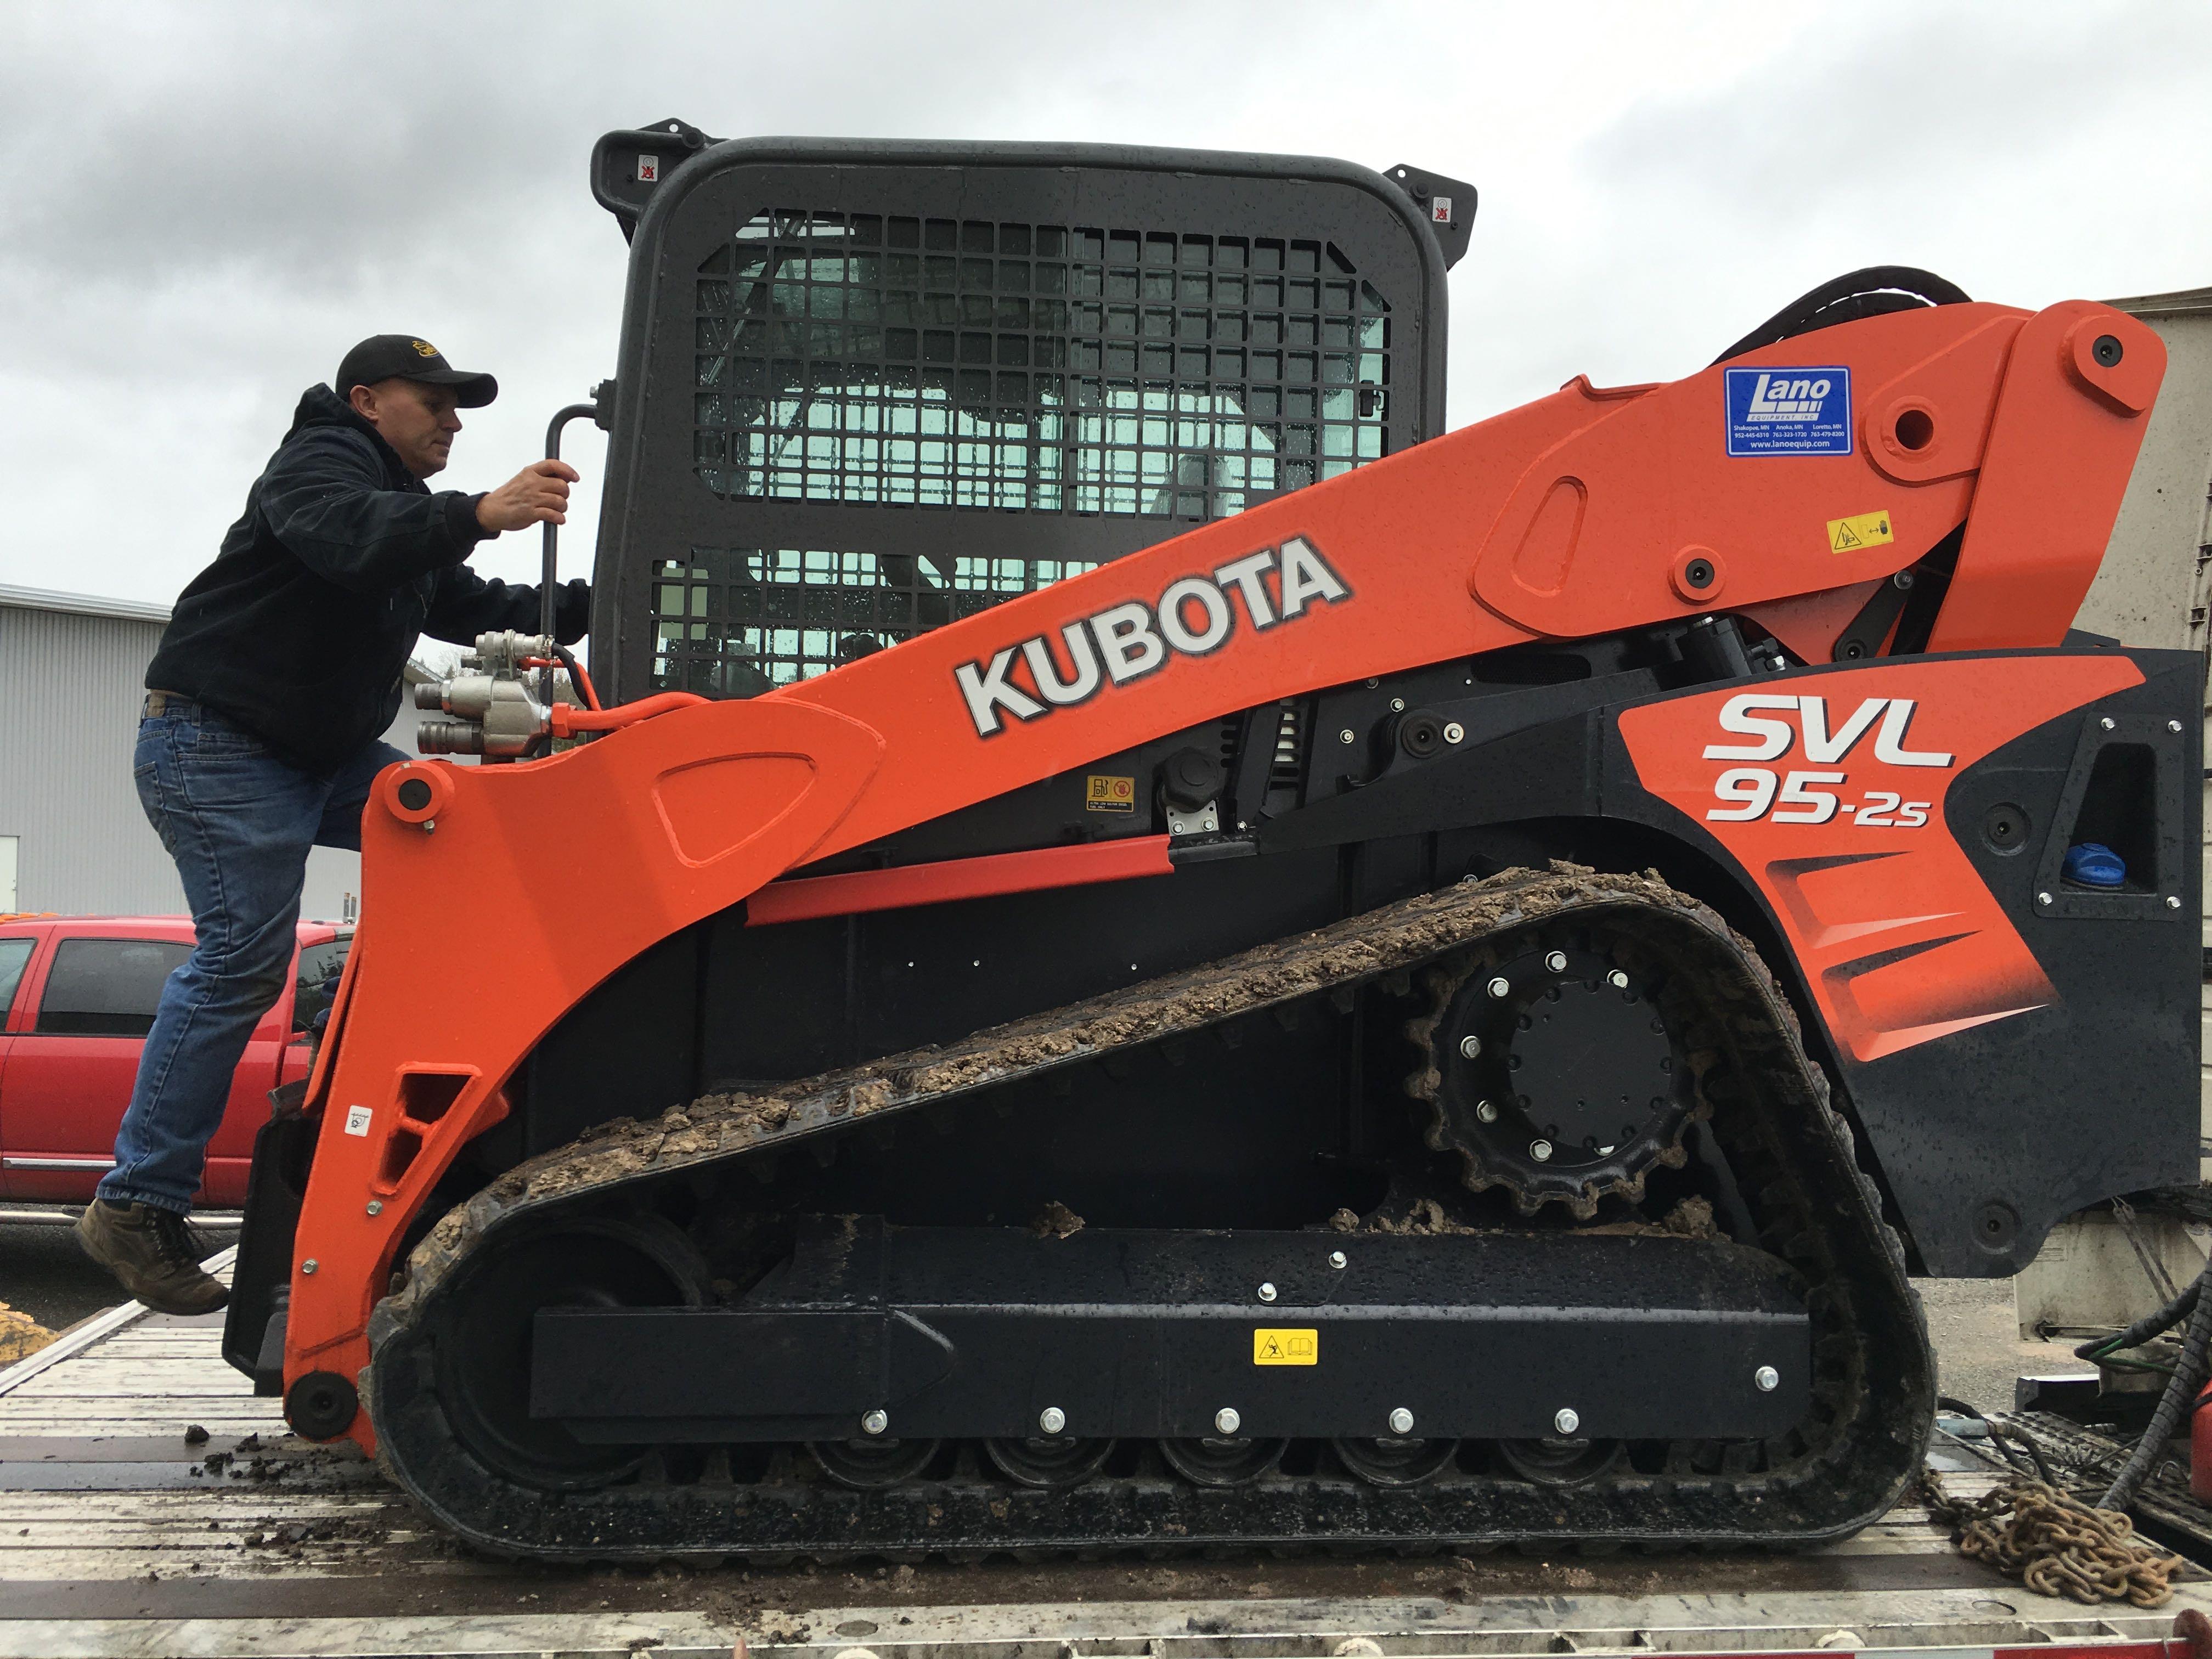 Landscape Rake Vs Box Blade : Skid steer solutions kubota svl s